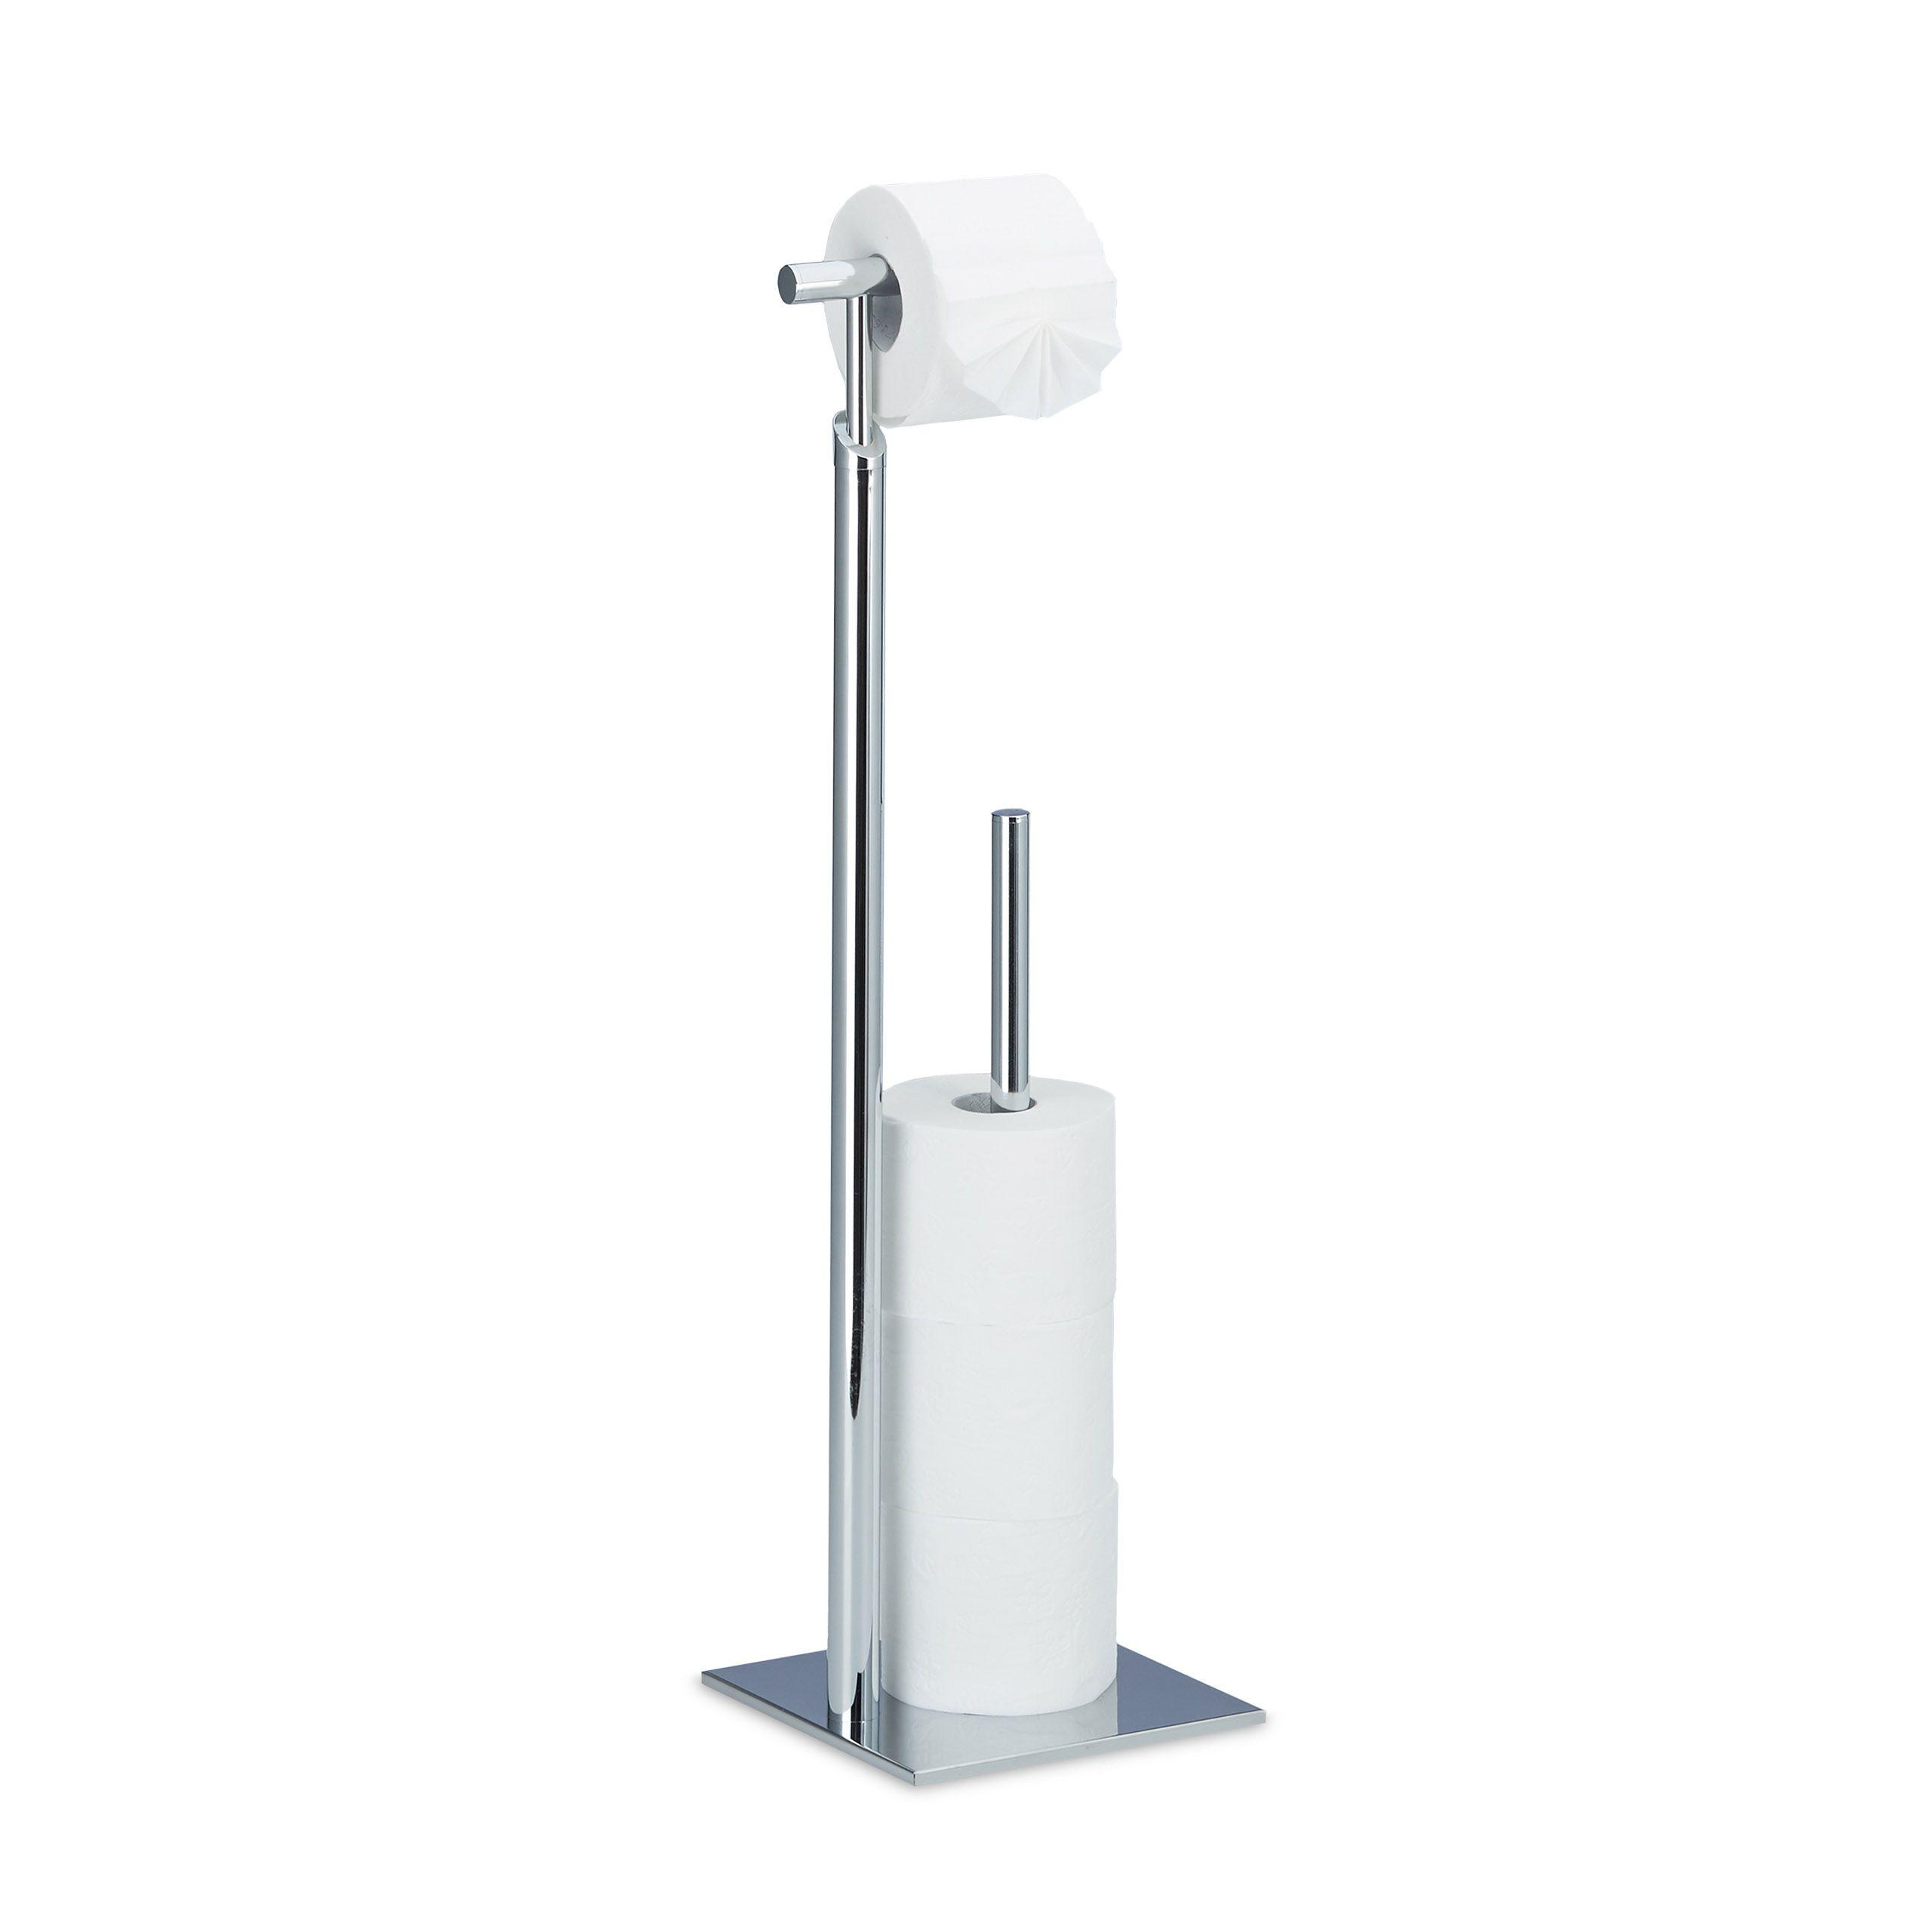 Toilettenpapierhalter Stehend 2 In 1 Fur 1 Wc Rolle Und 4 Ersatzrollen Freistehend Rutschf Toilettenpapierhalter Stehend Toilettenpapierhalter Toilette